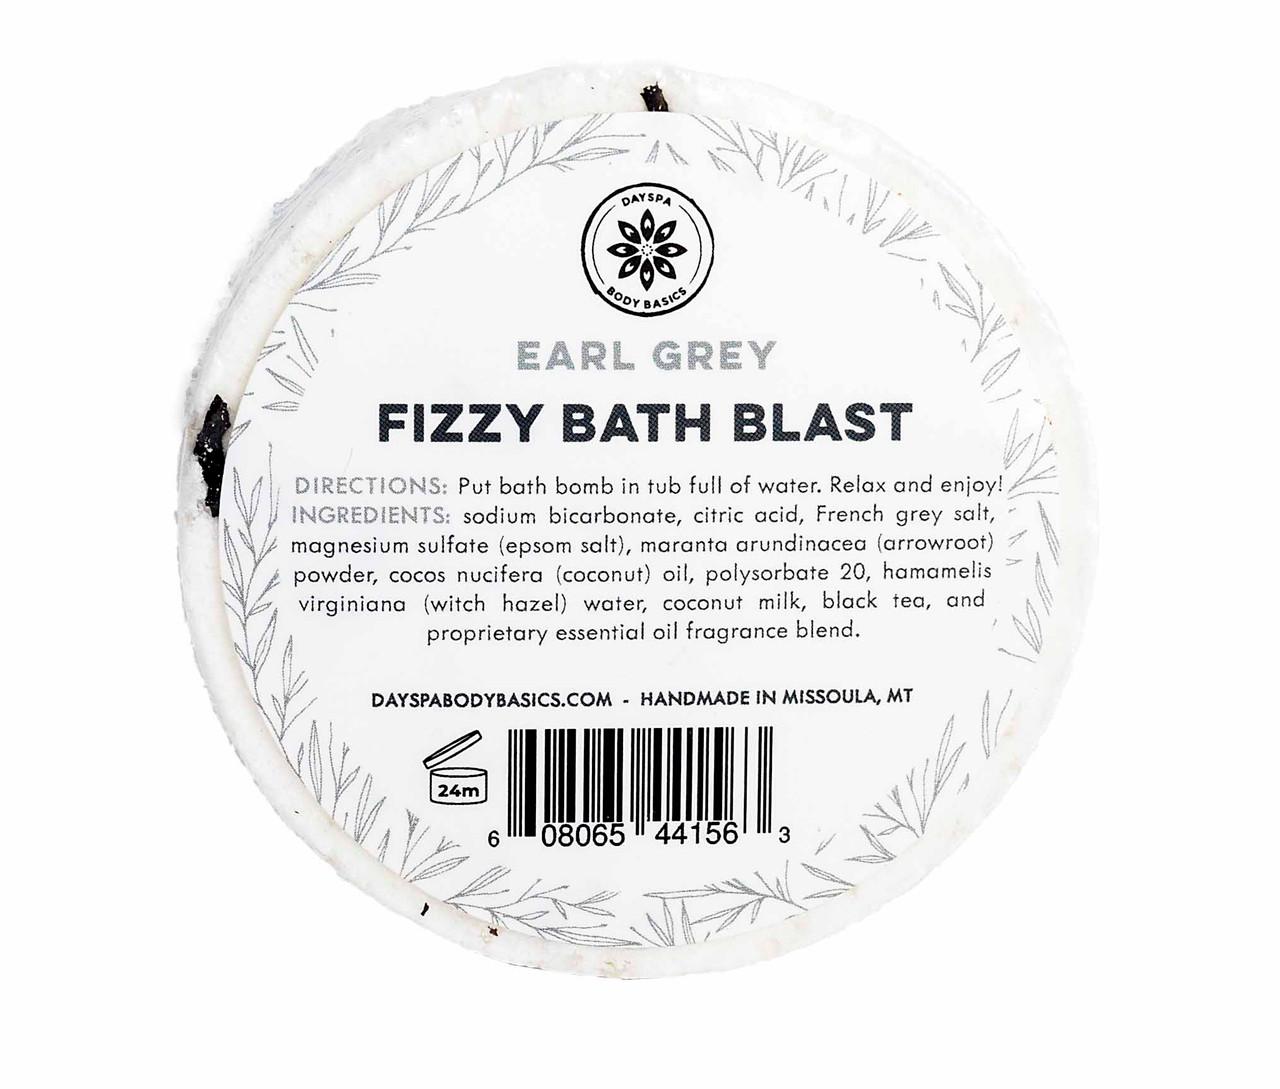 Earl Grey Fizzy Bath Blast